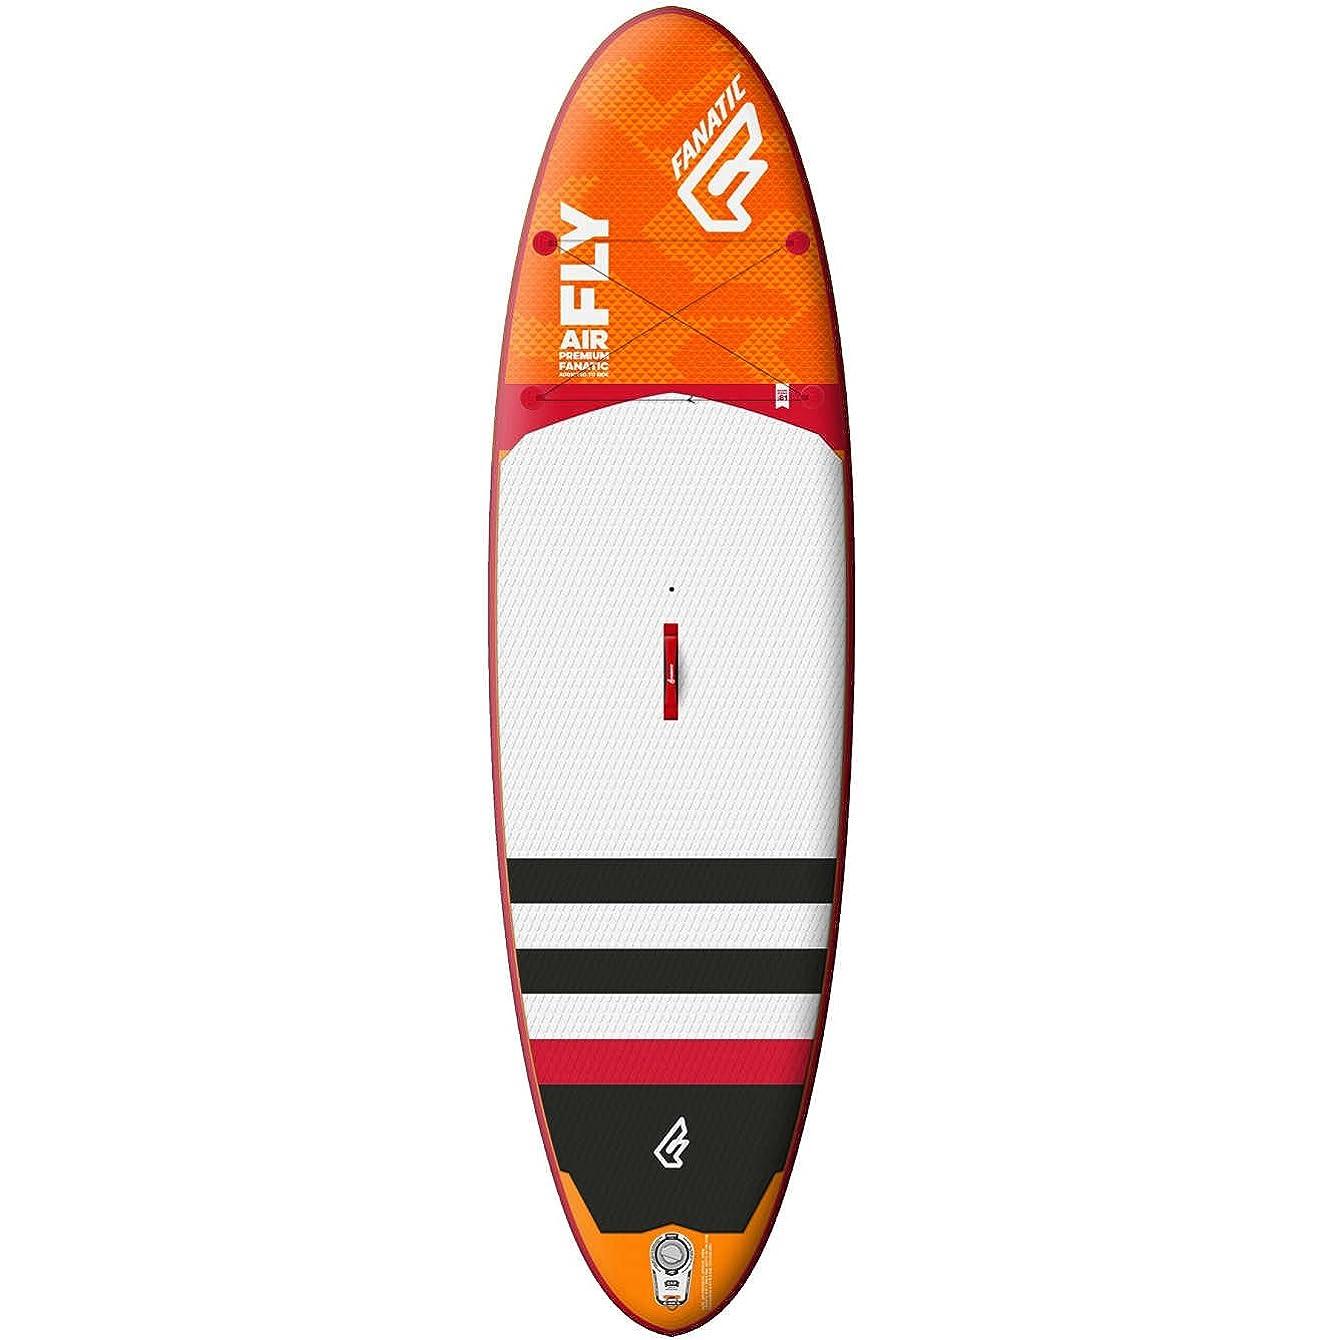 Auf der Suche nach einem hochwertigen Stand Up Paddle Board werden Sie bei dem Hersteller Fanatic fündig.